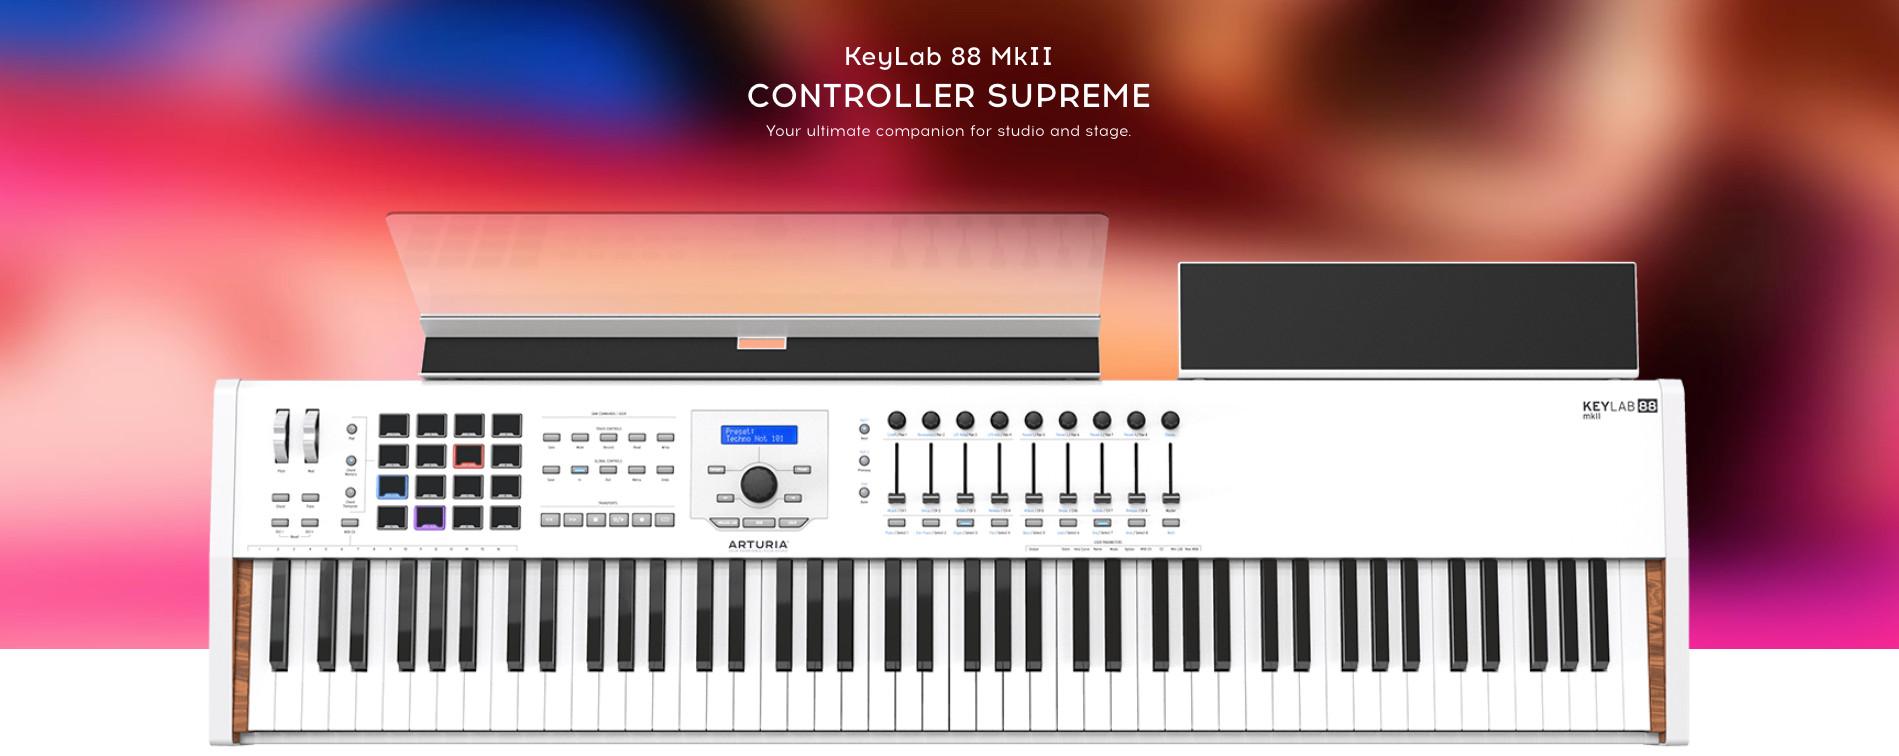 Best 88-key controllers - KeyLab 88